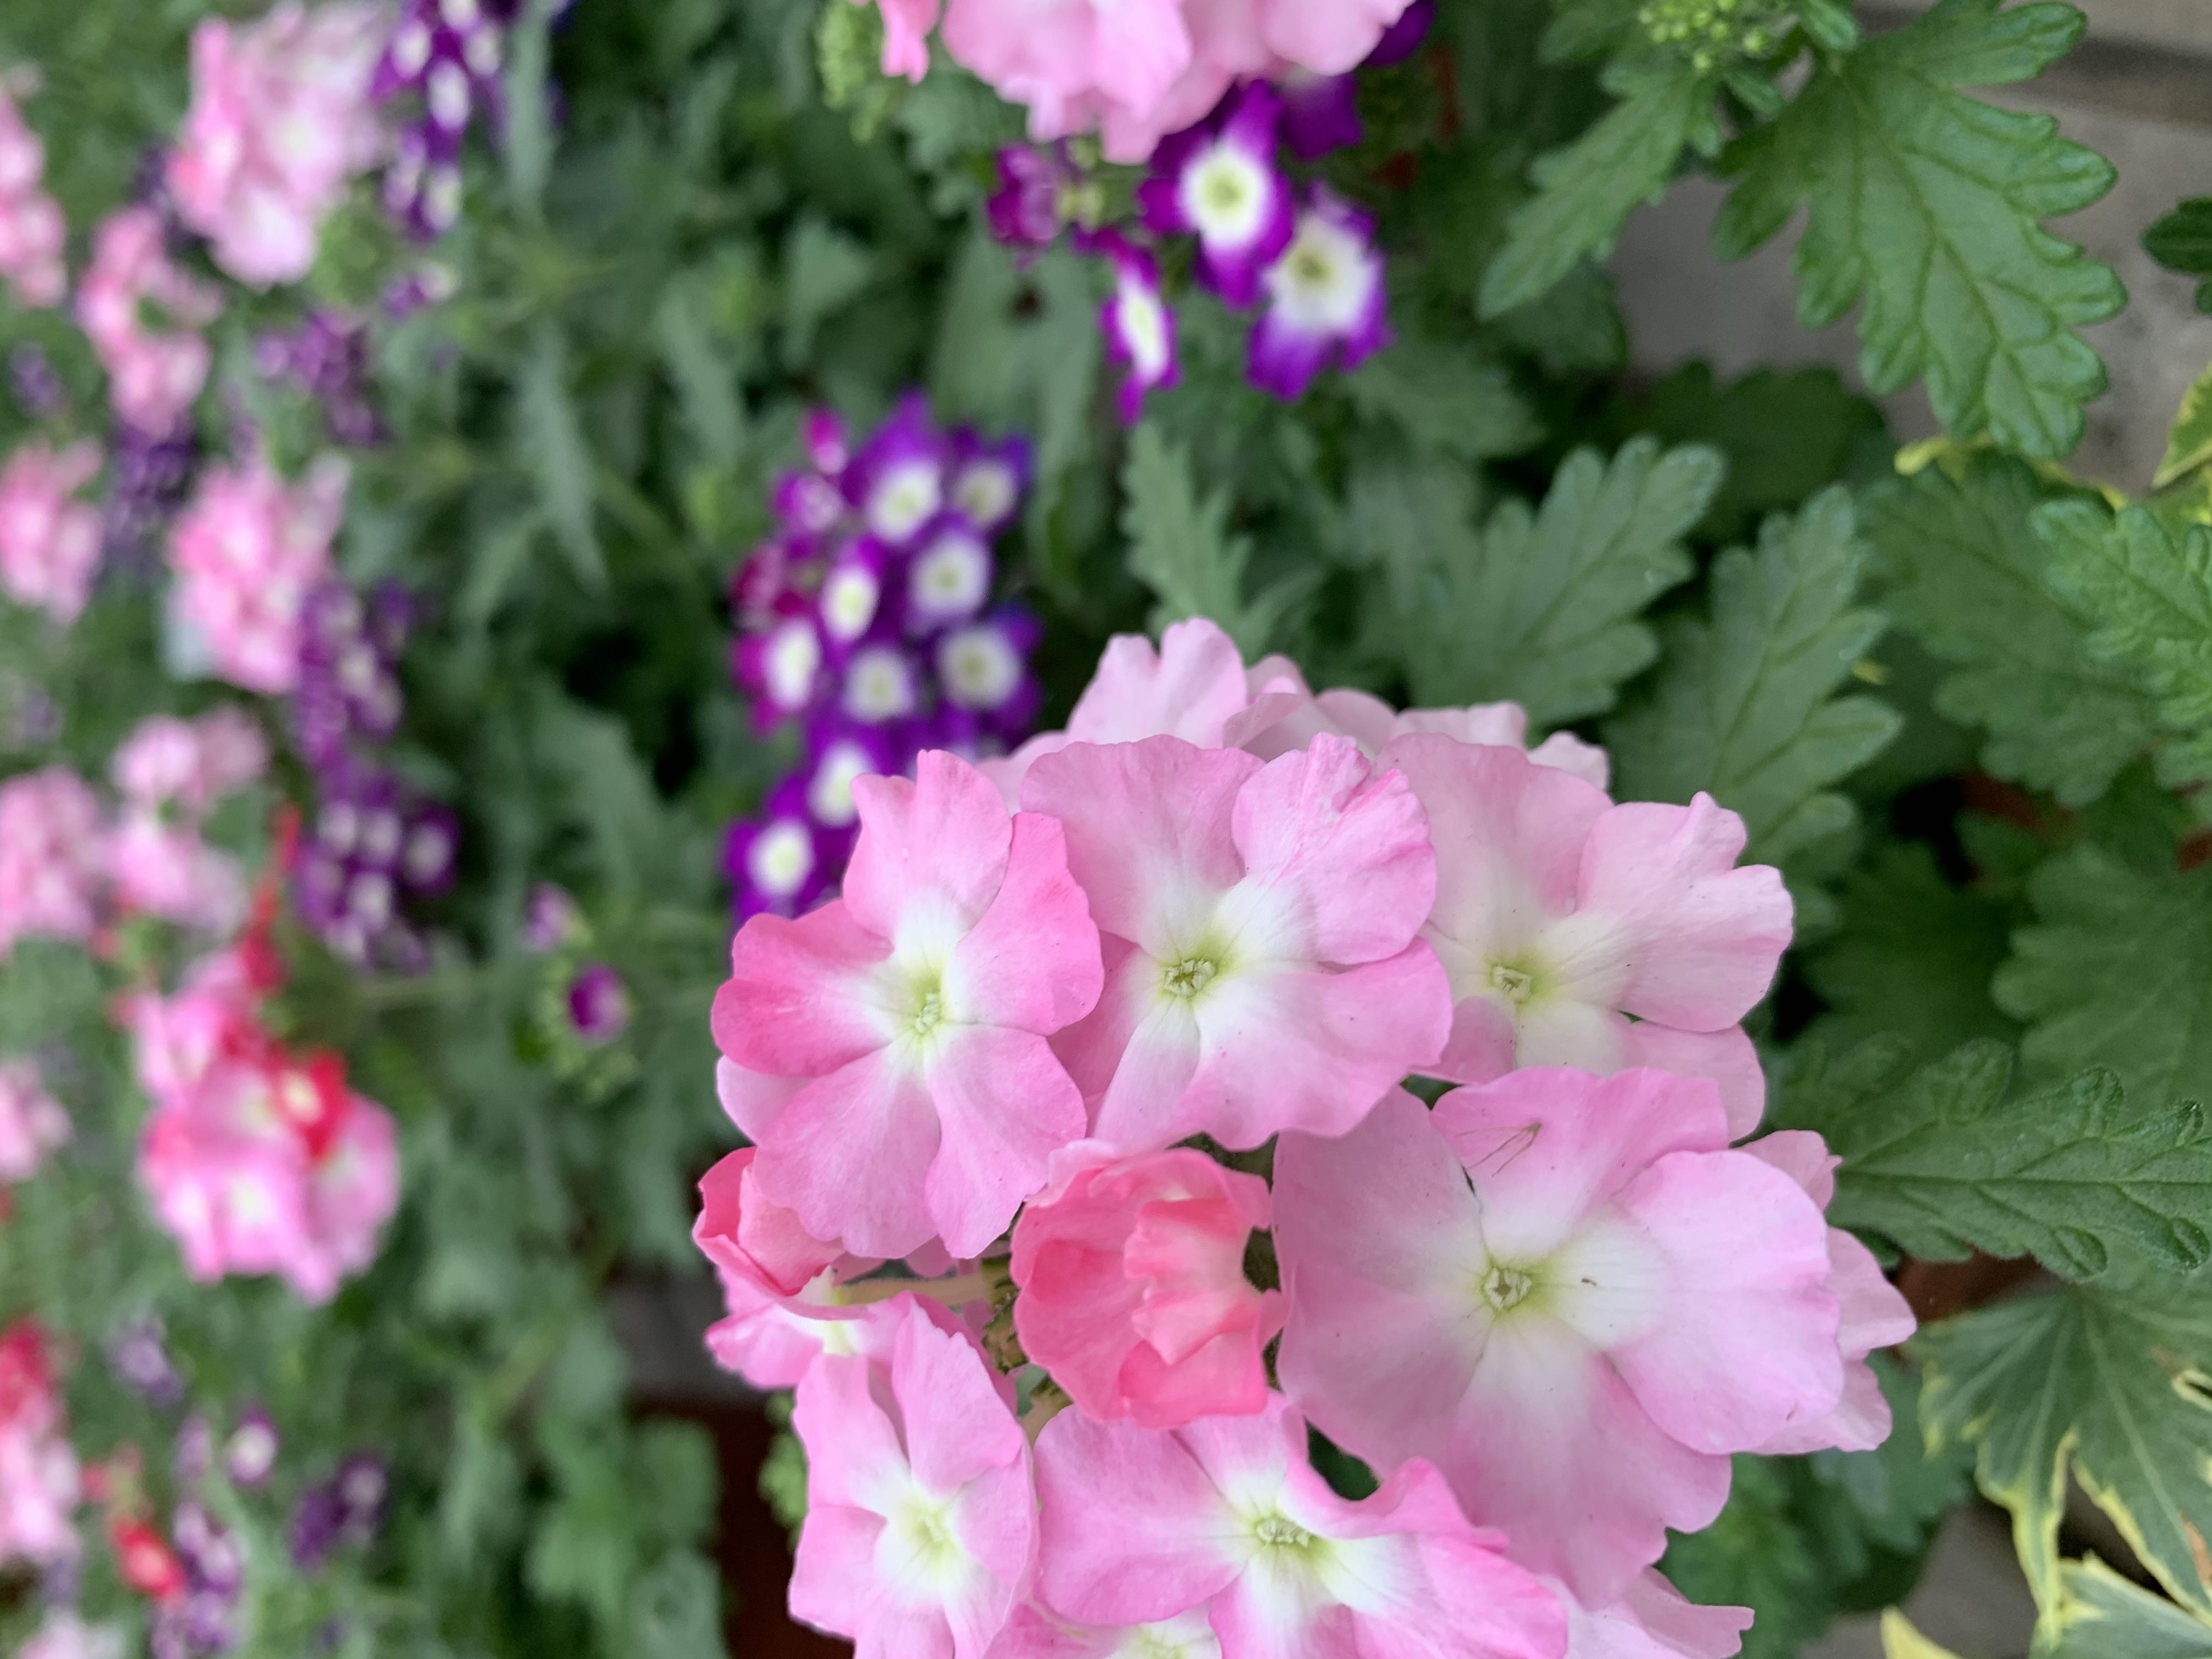 La Verbena è una pianta erbacea coltivata a scopo ornamentale in vaso e nei giardini per la sua splendida eprolungata fioritura.